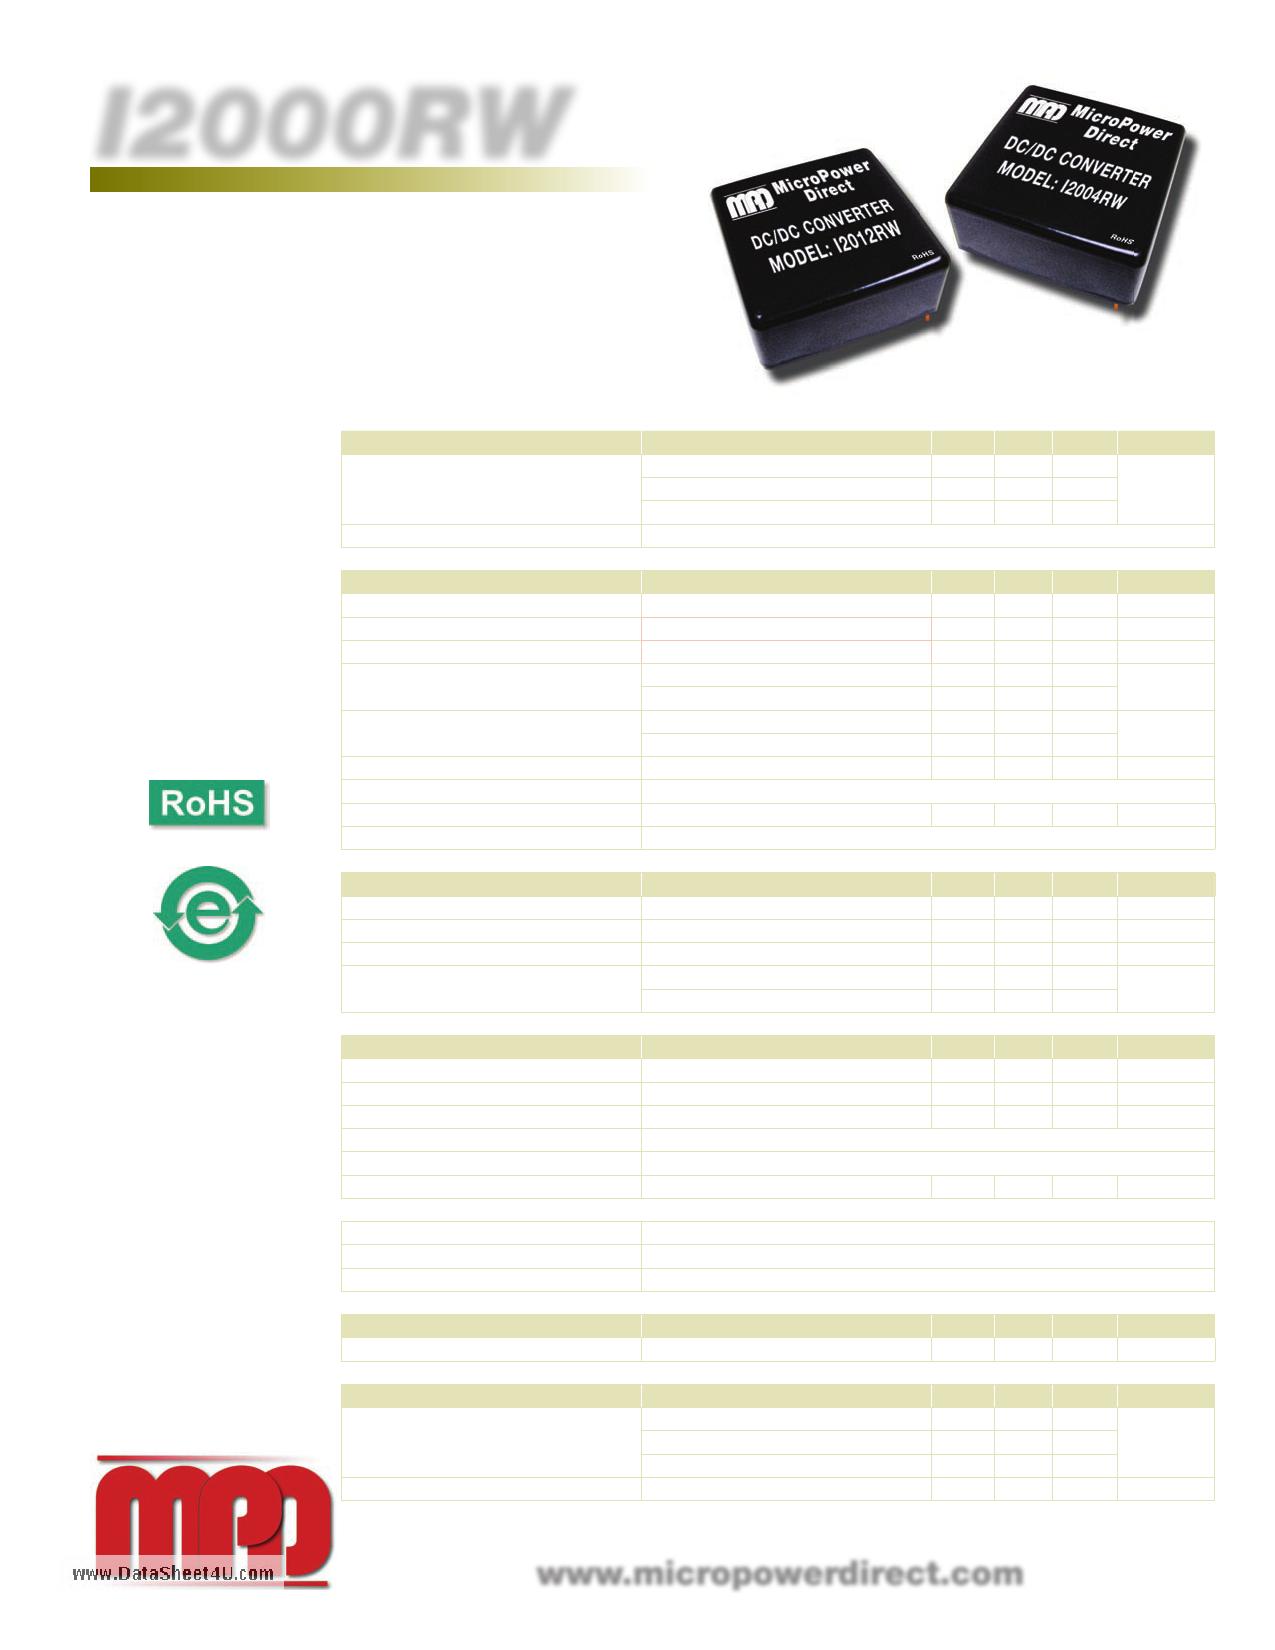 I2000RW datasheet